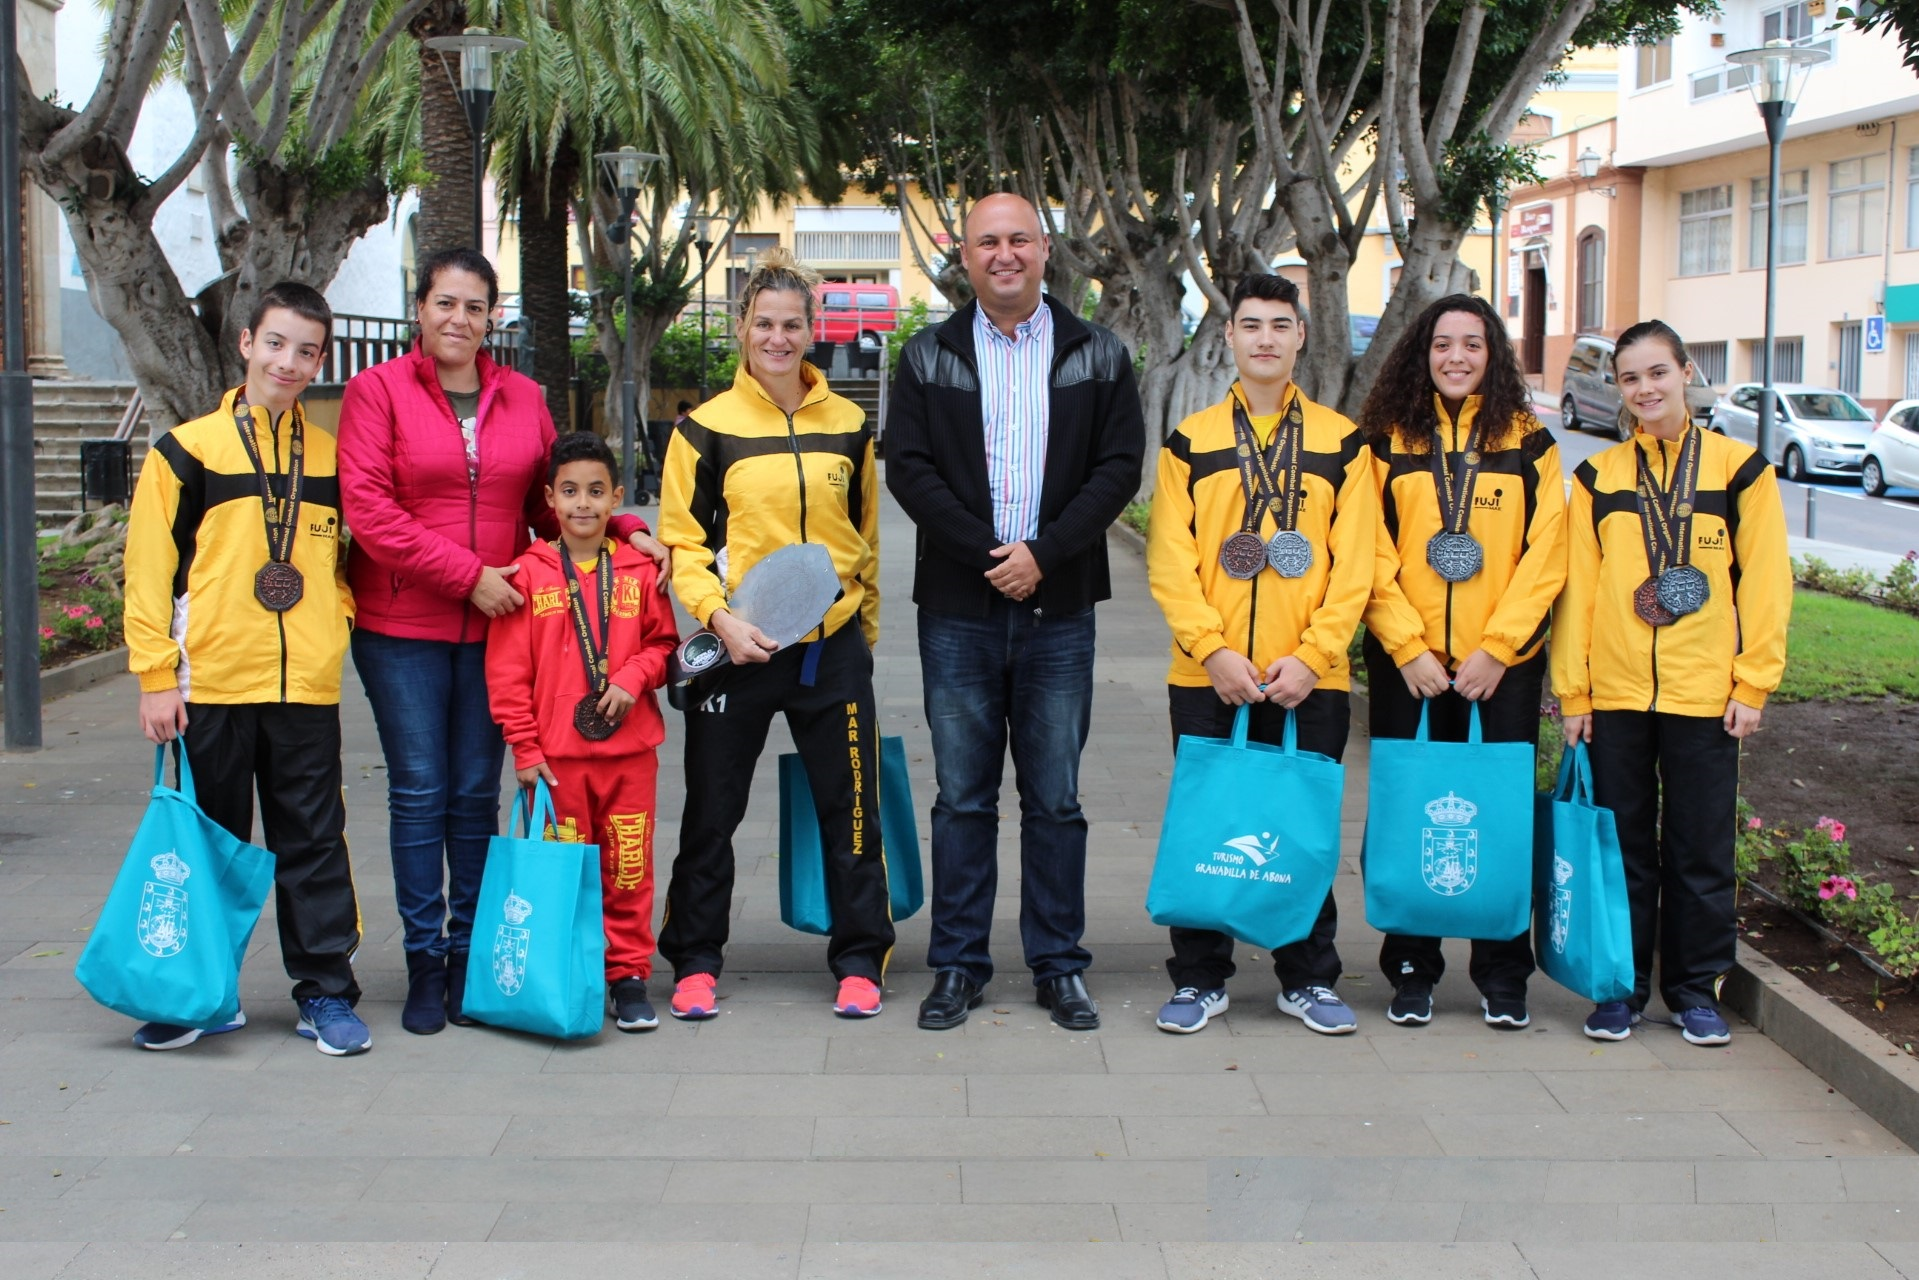 Granadilla de Abona felicita a la escuela de kickboxing de Mar Rodríguez por su logros en el Mundial de Roma